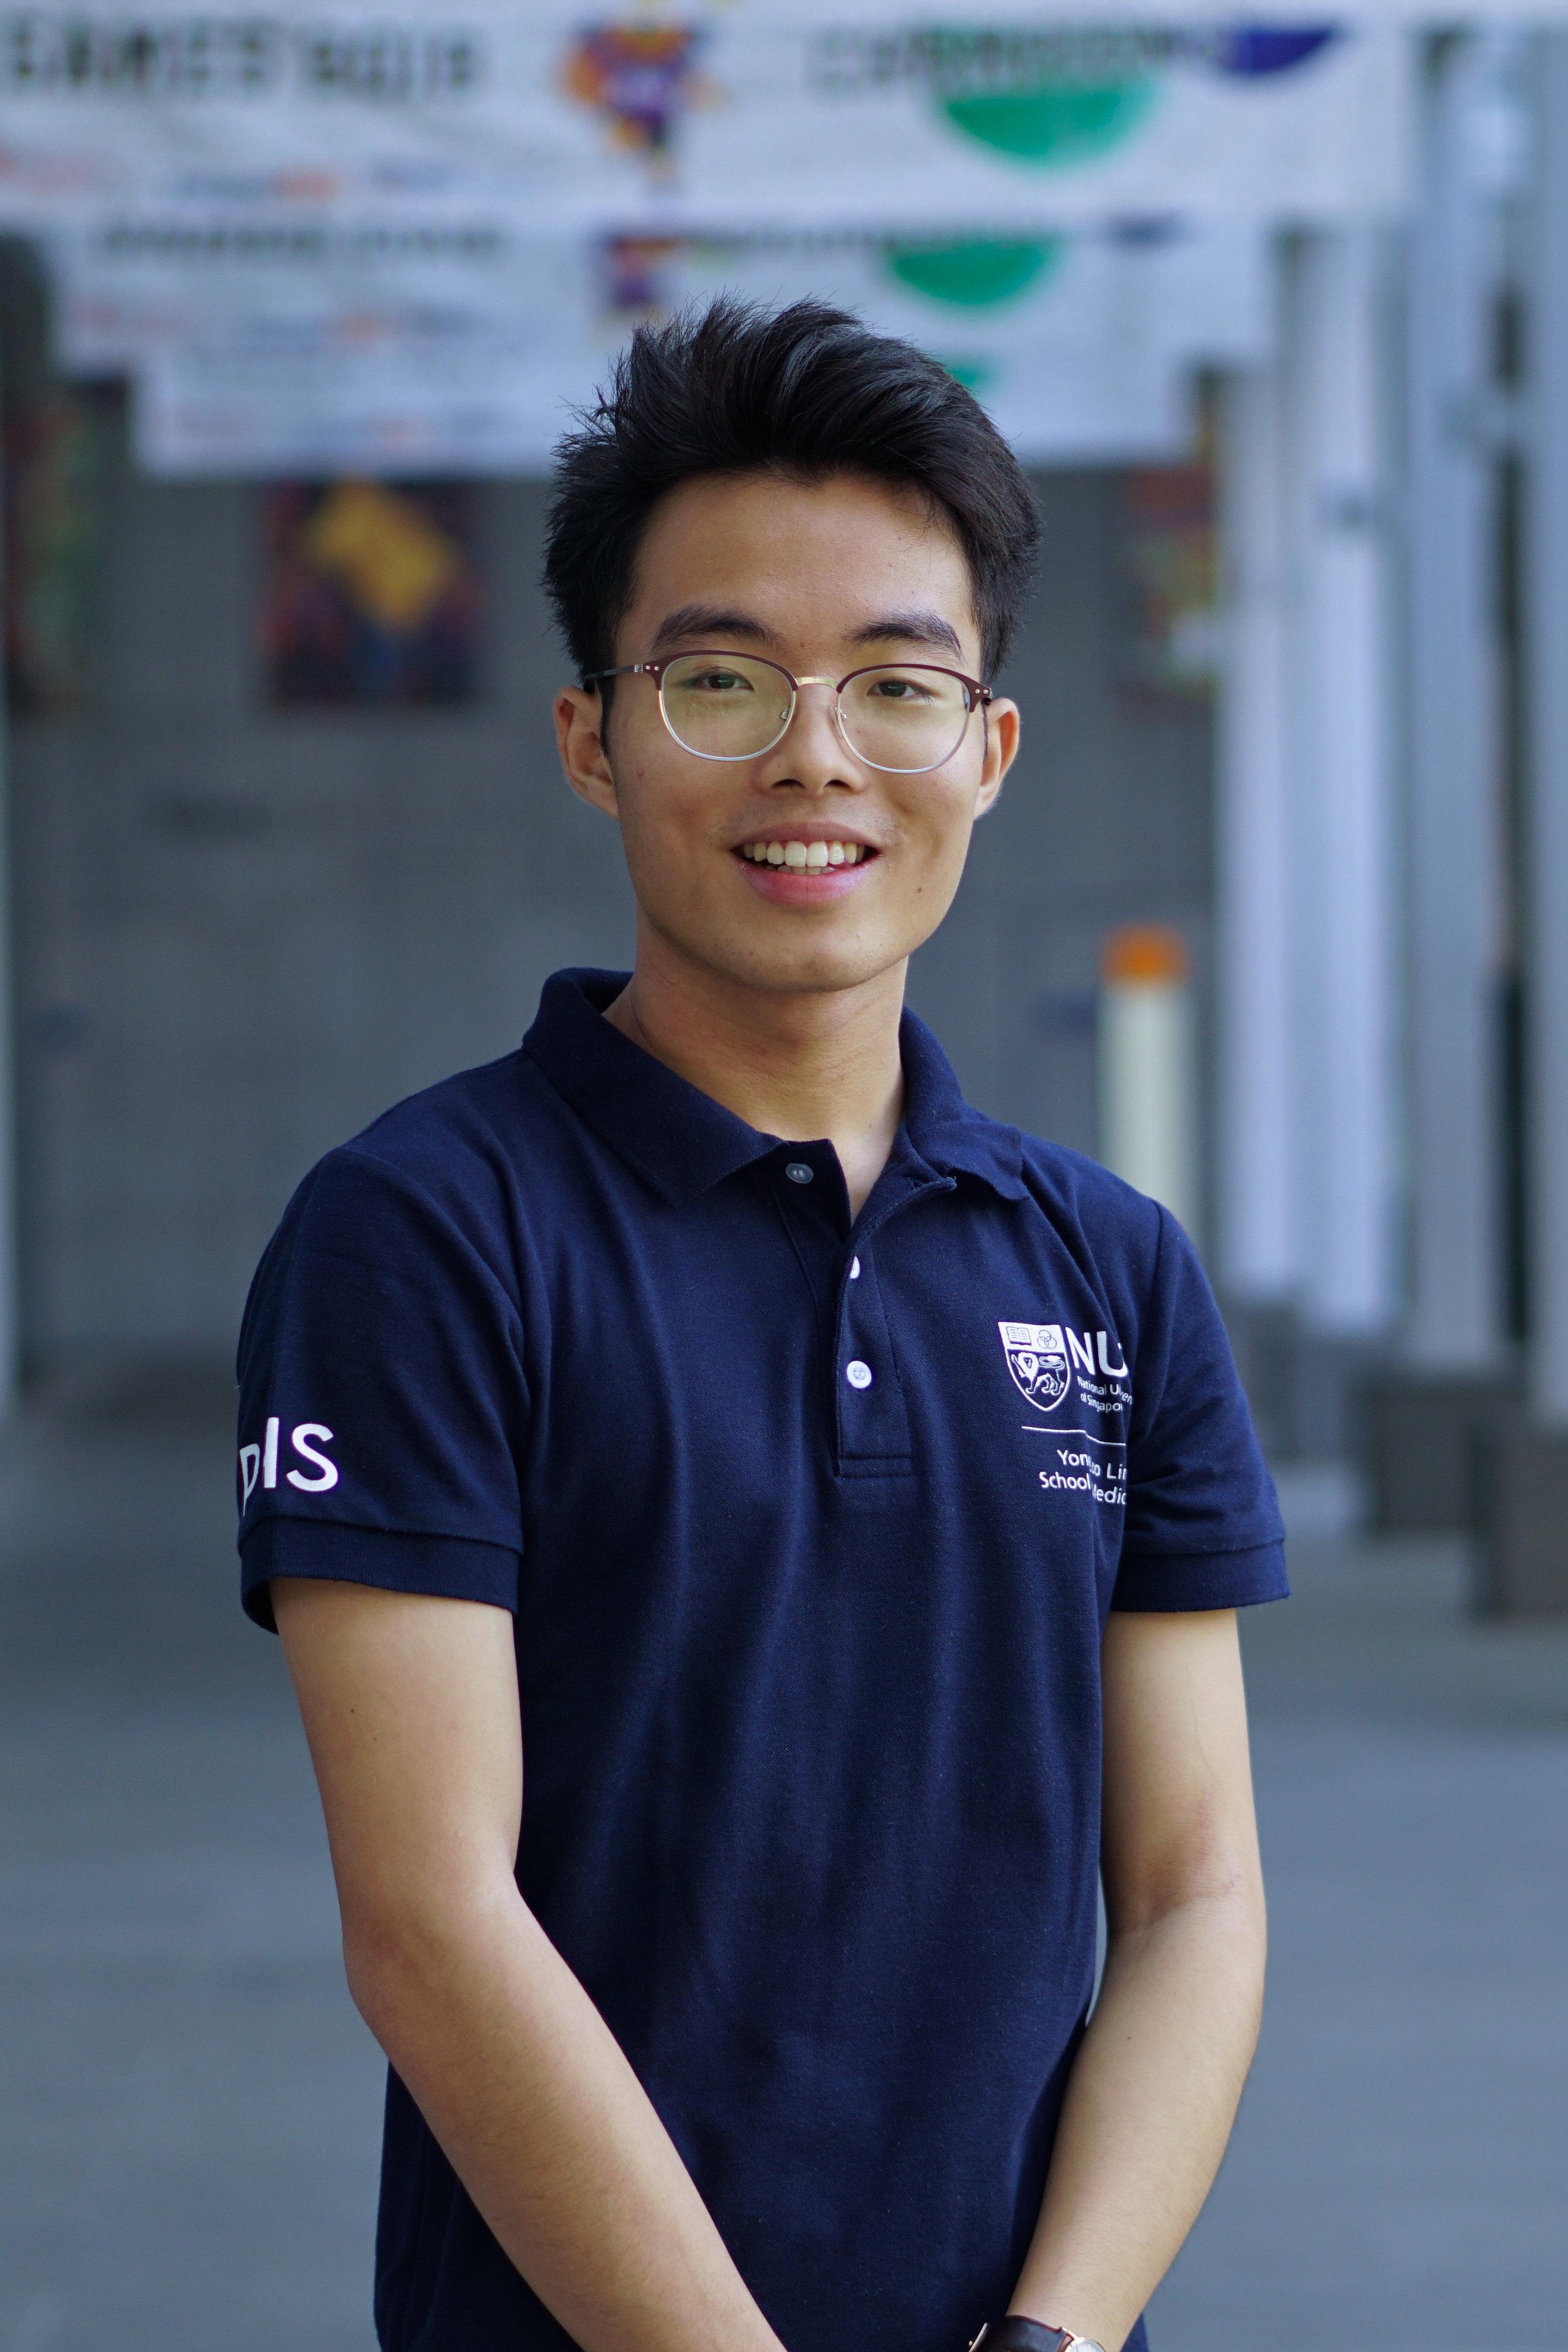 Teo Yao Hao